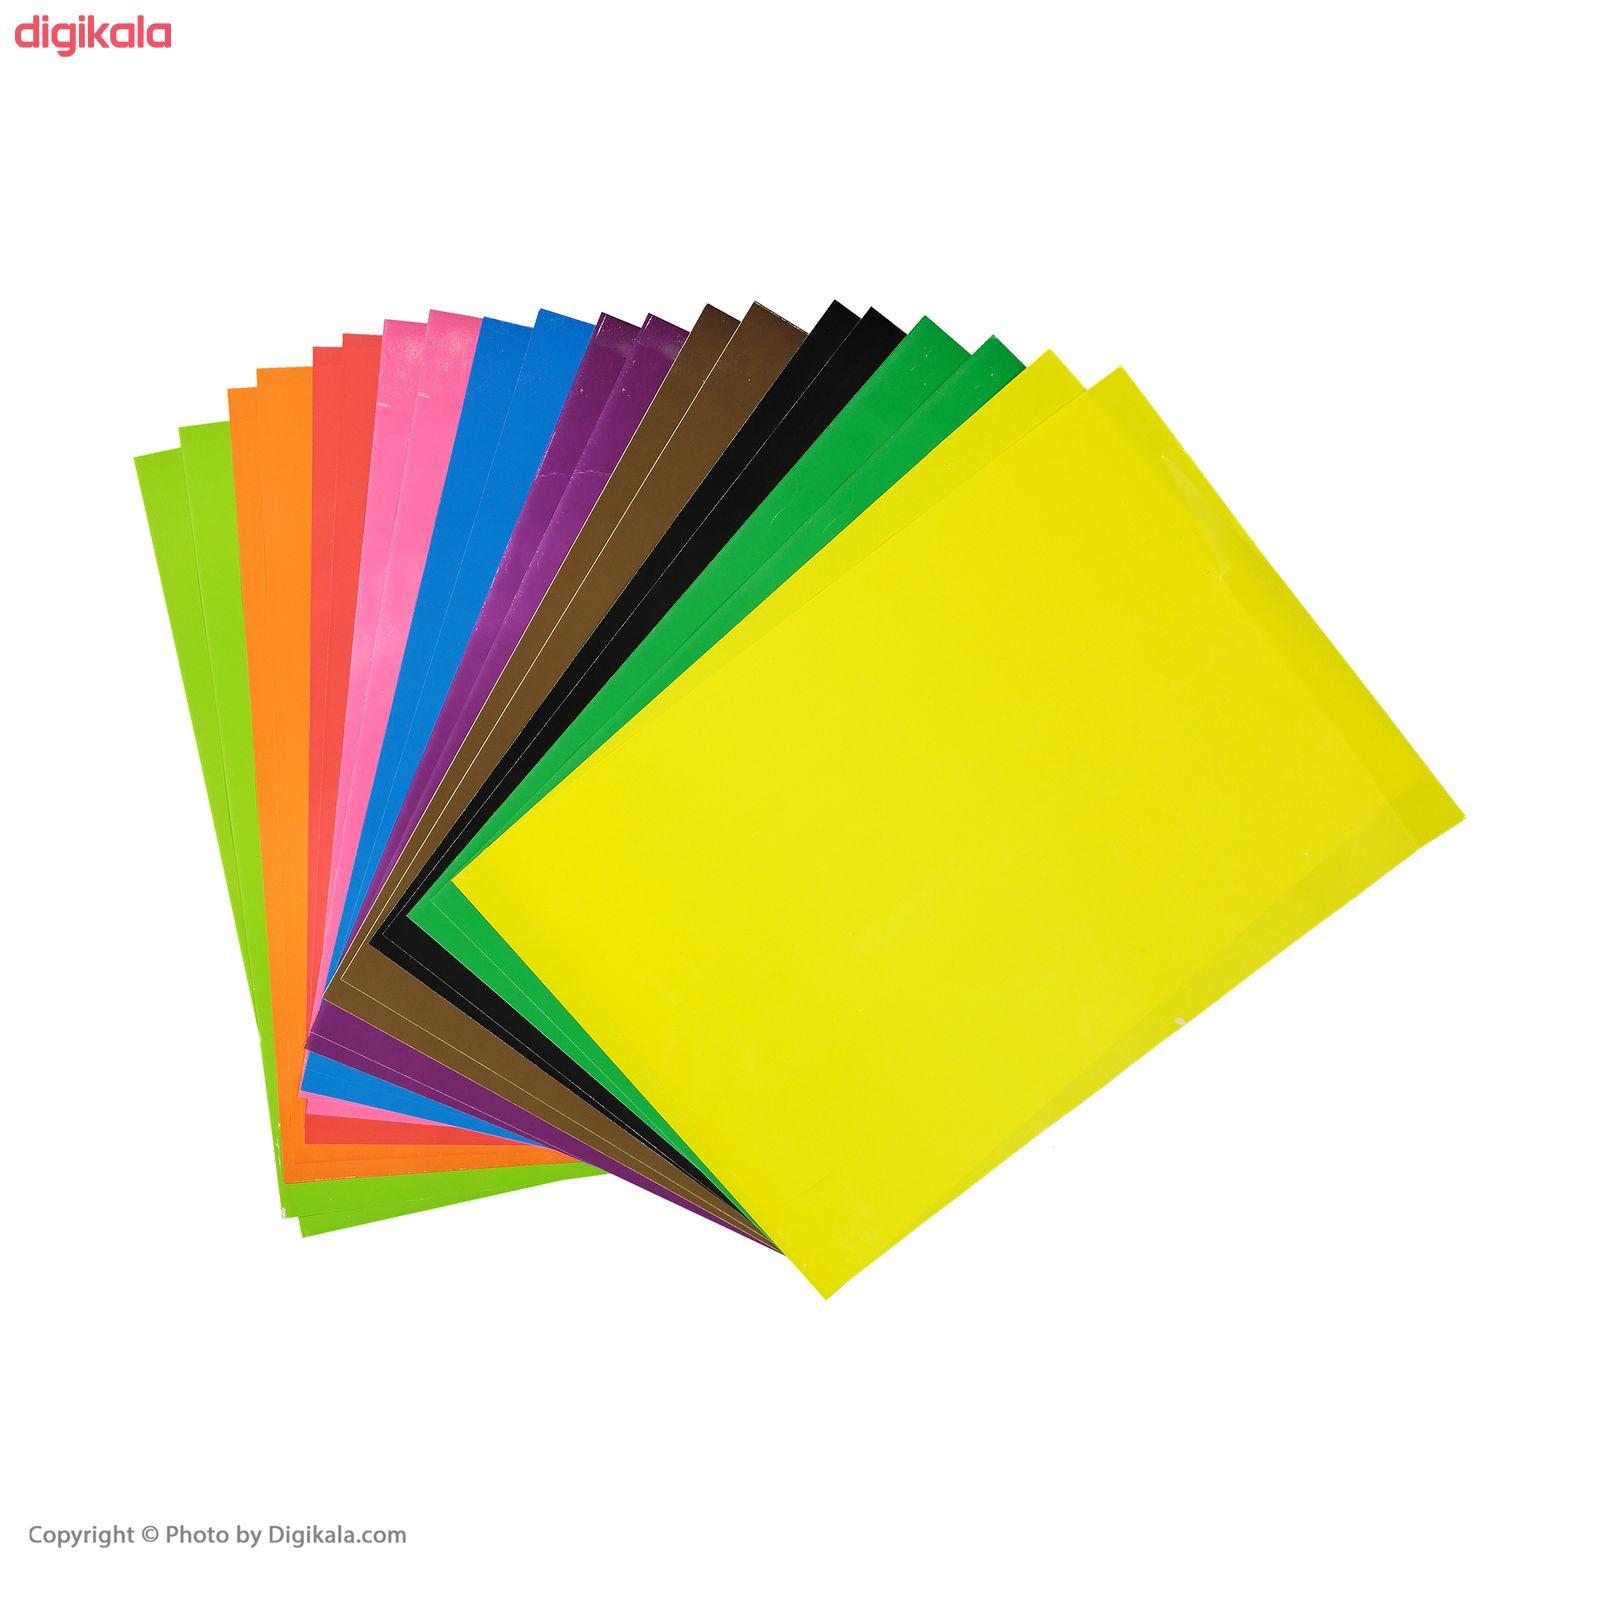 کاغذ رنگی 20 برگ ره آورد کد 05 سایز A4 main 1 6